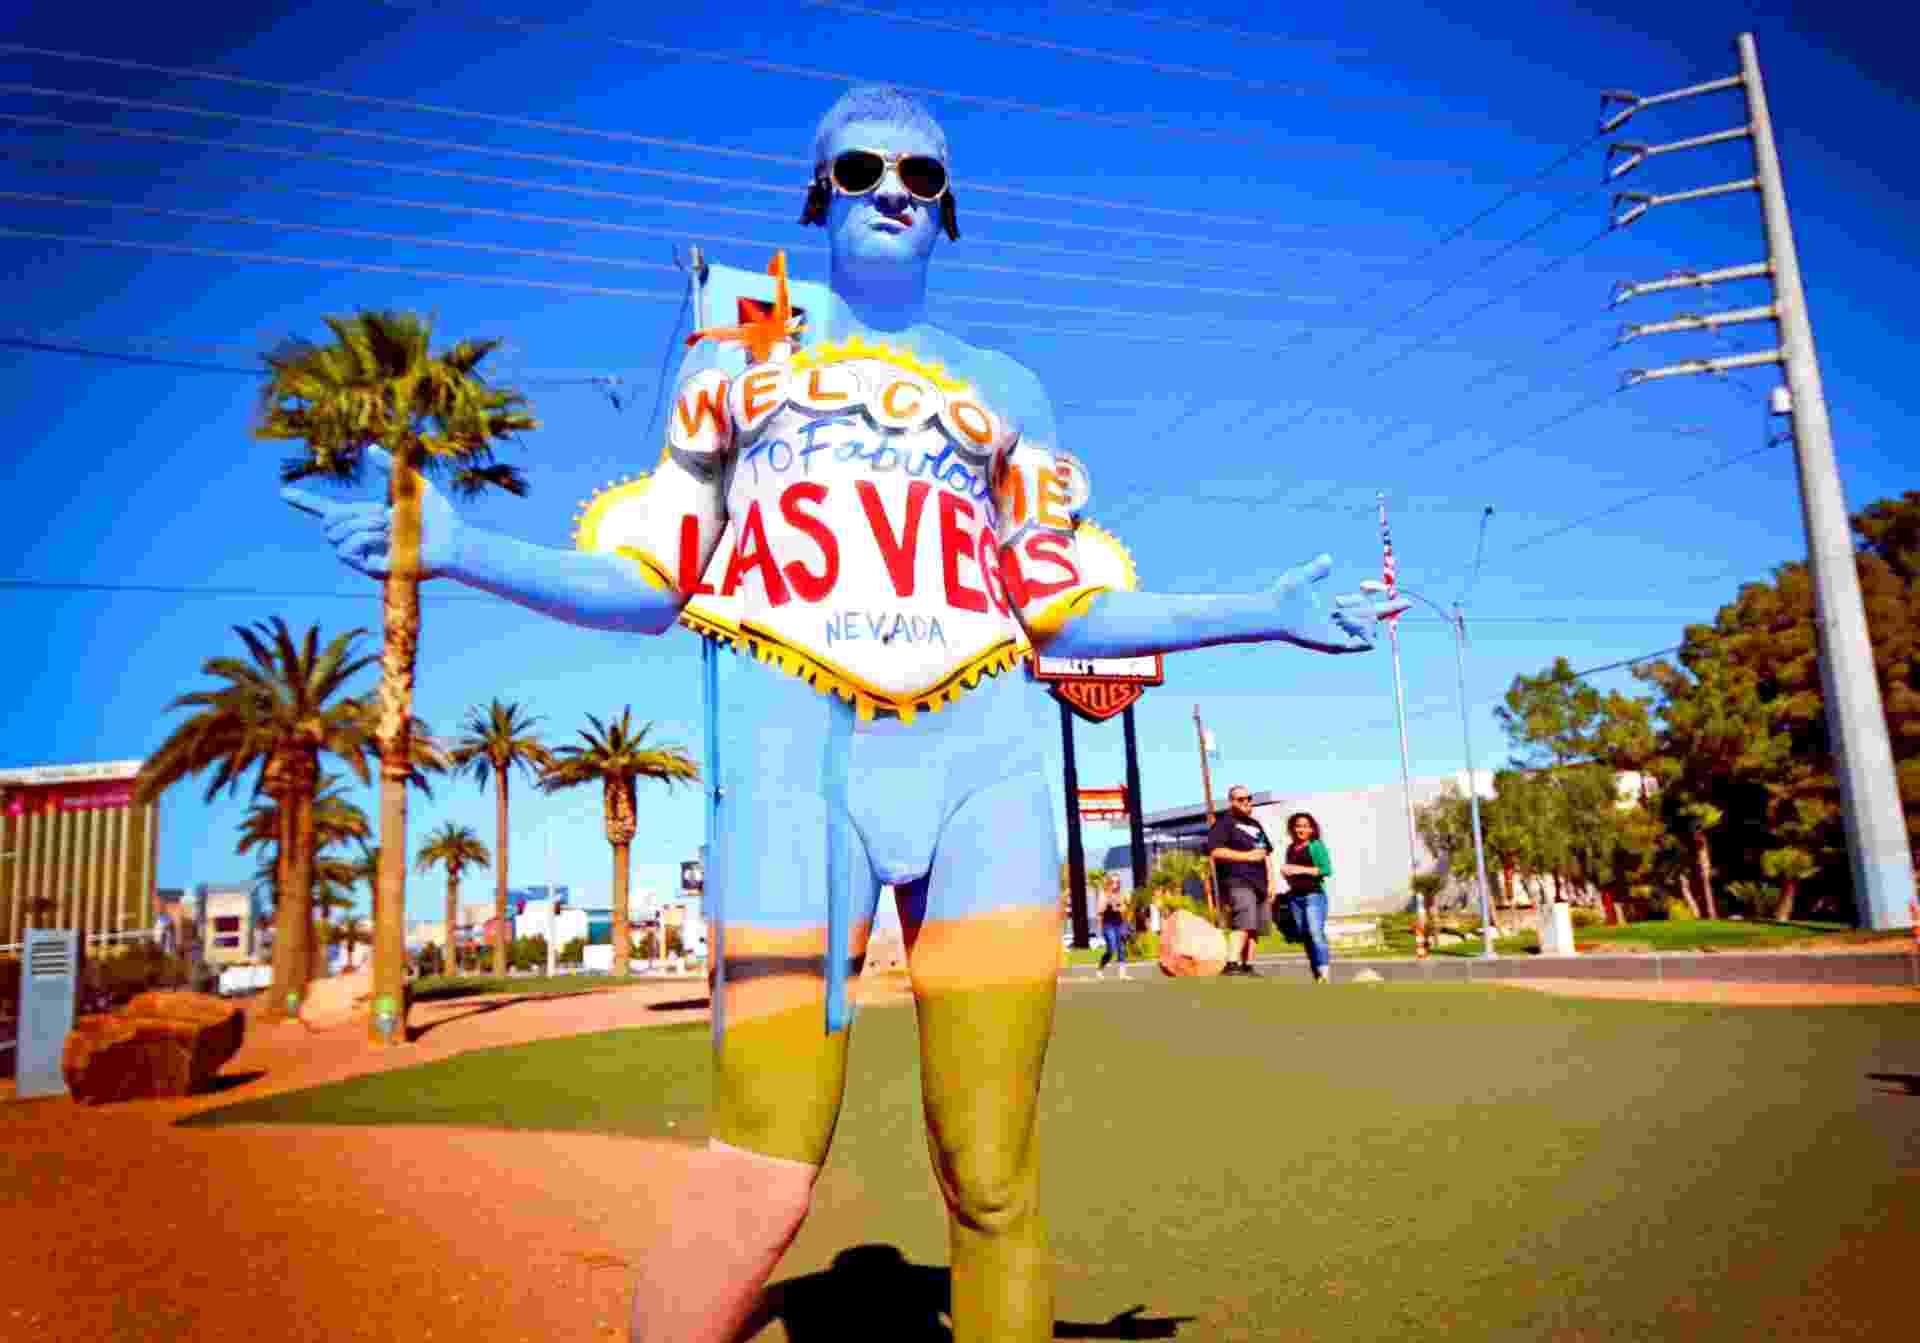 """A artista Natalie Fletchers, especializada em pintura corporal, está viajando pelos Estados Unidos e transformando pessoas em paisagens. Aqui, ela """"insere"""" a pessoa na famosa placa de boas-vindas da cidade de Las Vegas - Caters News/The Grosby Group"""